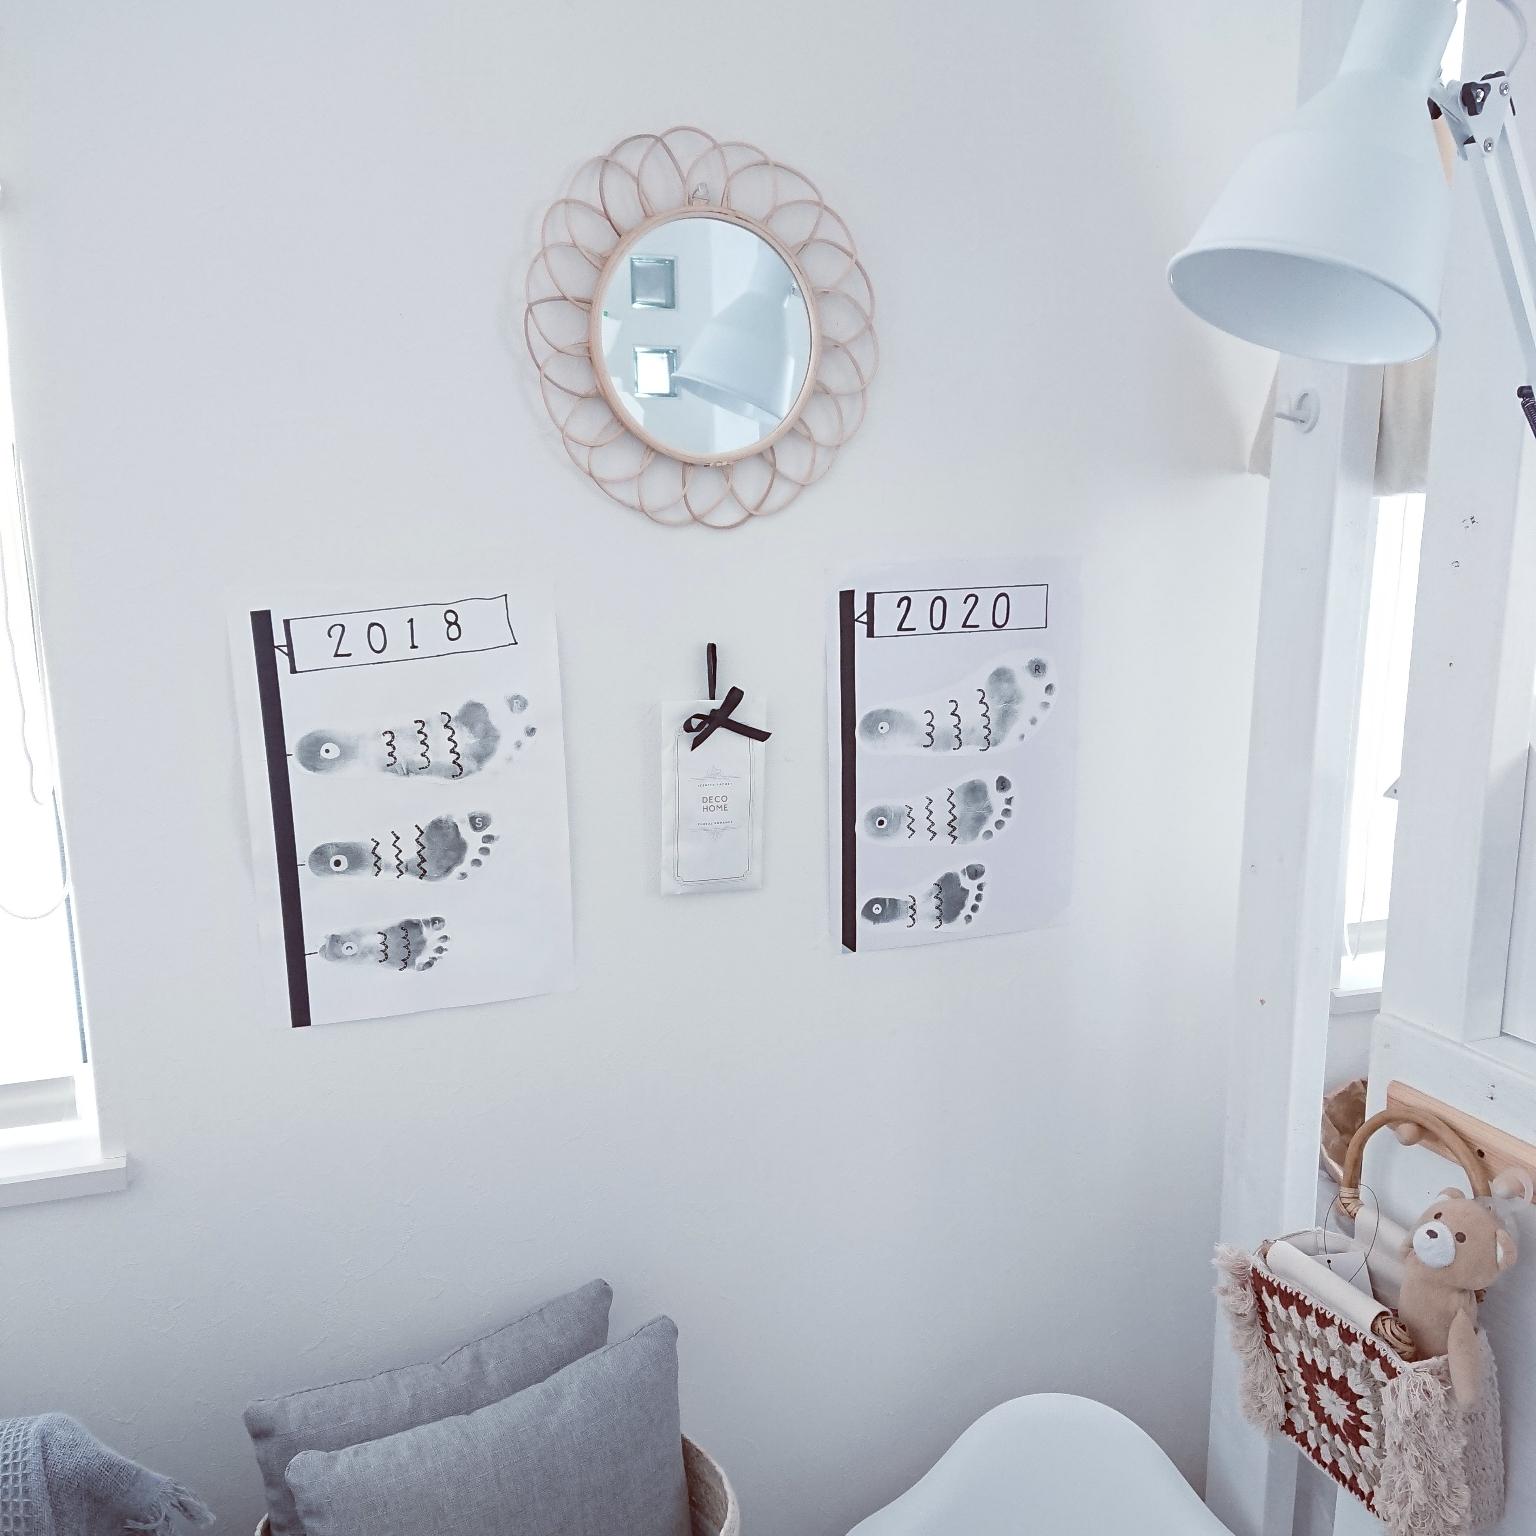 壁/天井/ディスプレイコーナー/足形アート/鯉のぼり/こいのぼりのインテリア実例 - 2020-04-07 13:05:51